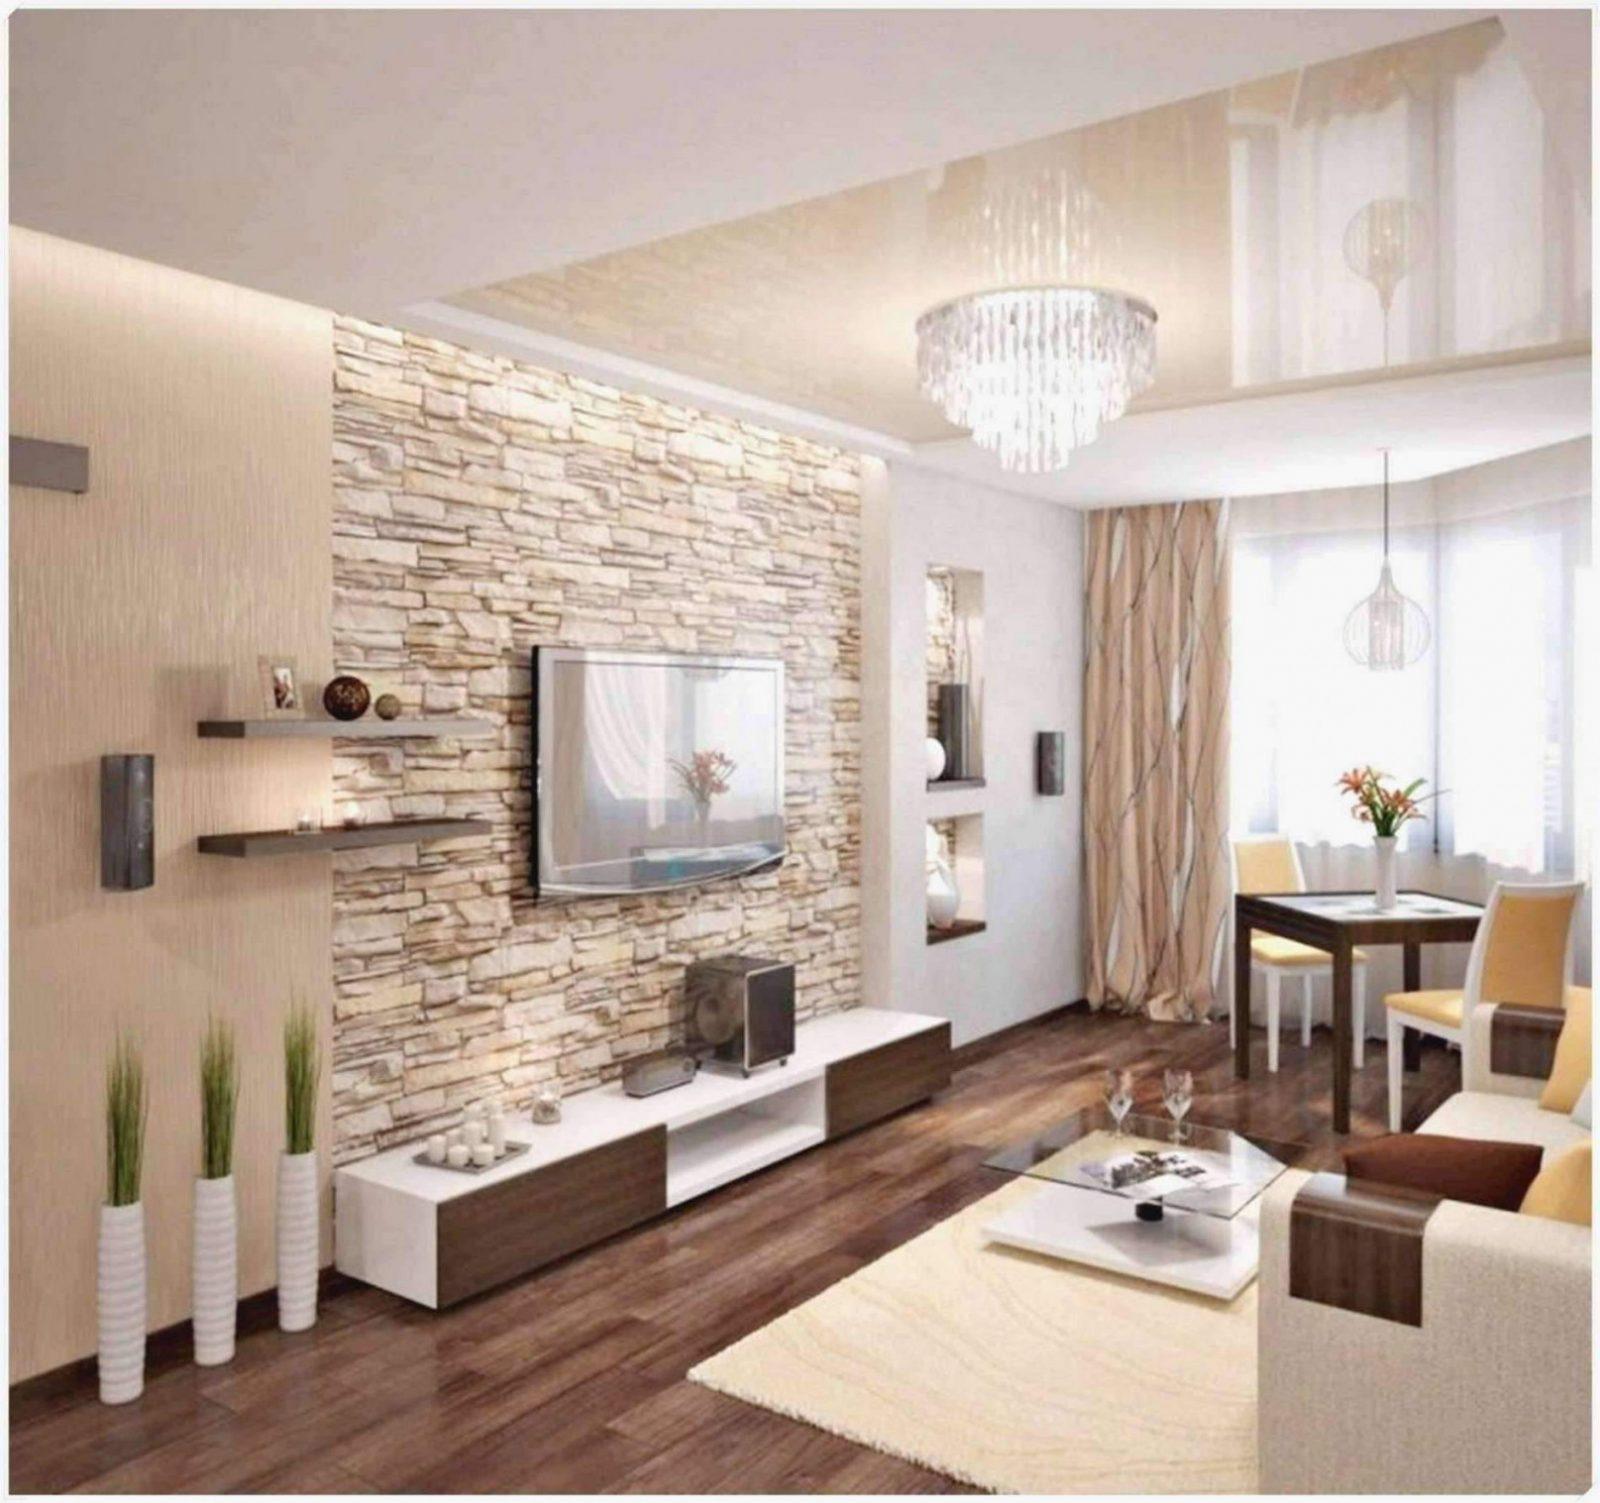 Deko Wand Wohnzimmer Frisch Luxury Dekoration Wohnzimmer von Pflanzen Dekoration Wohnzimmer Bild